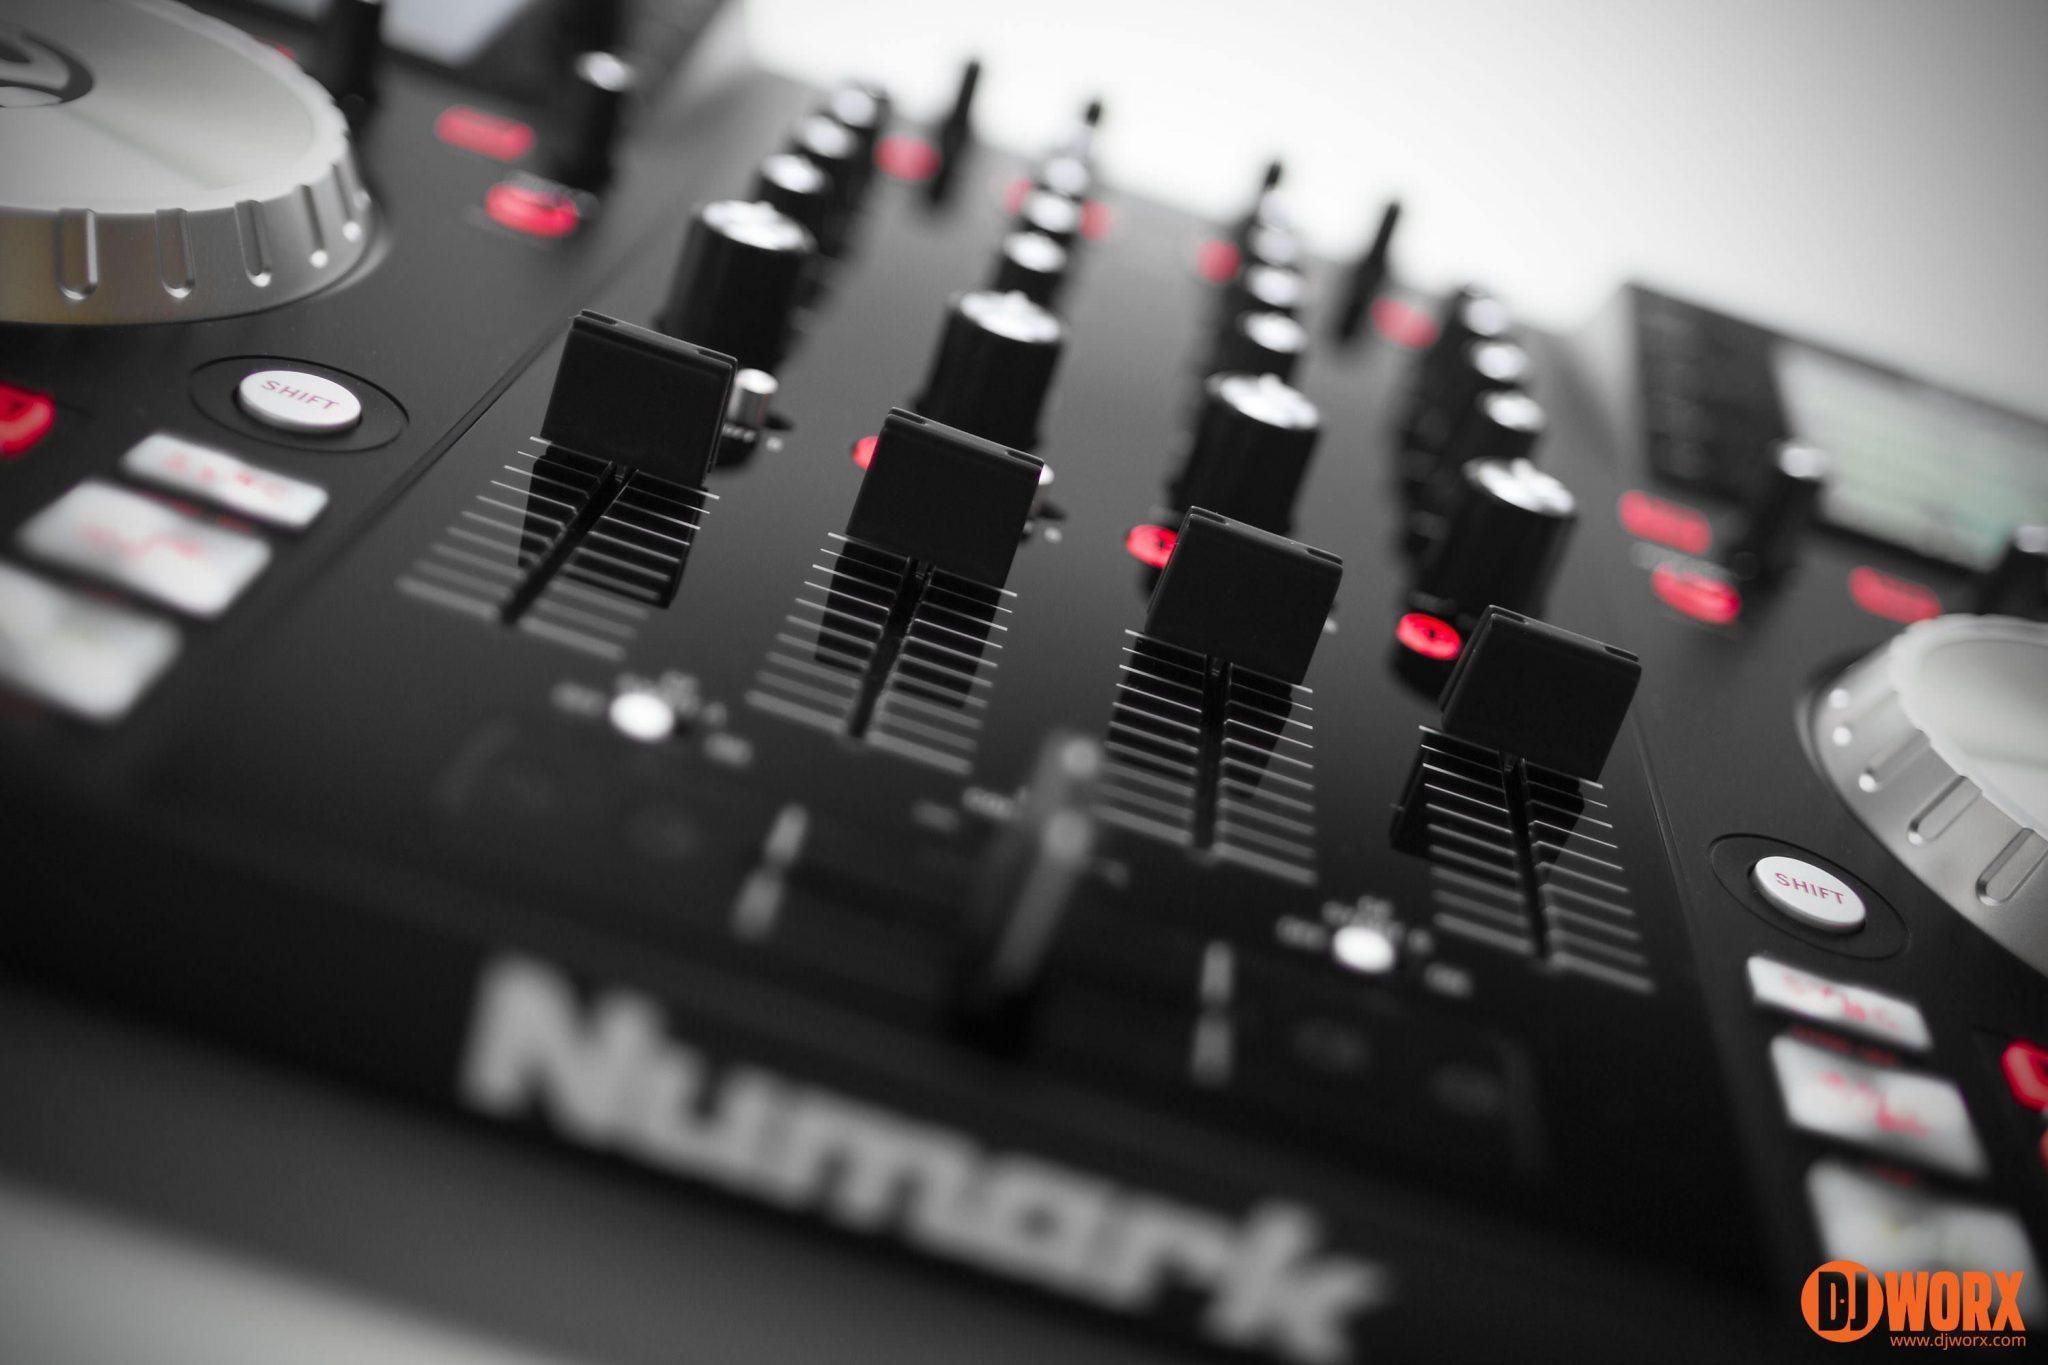 Numark NV Serato DJ controller review (6)